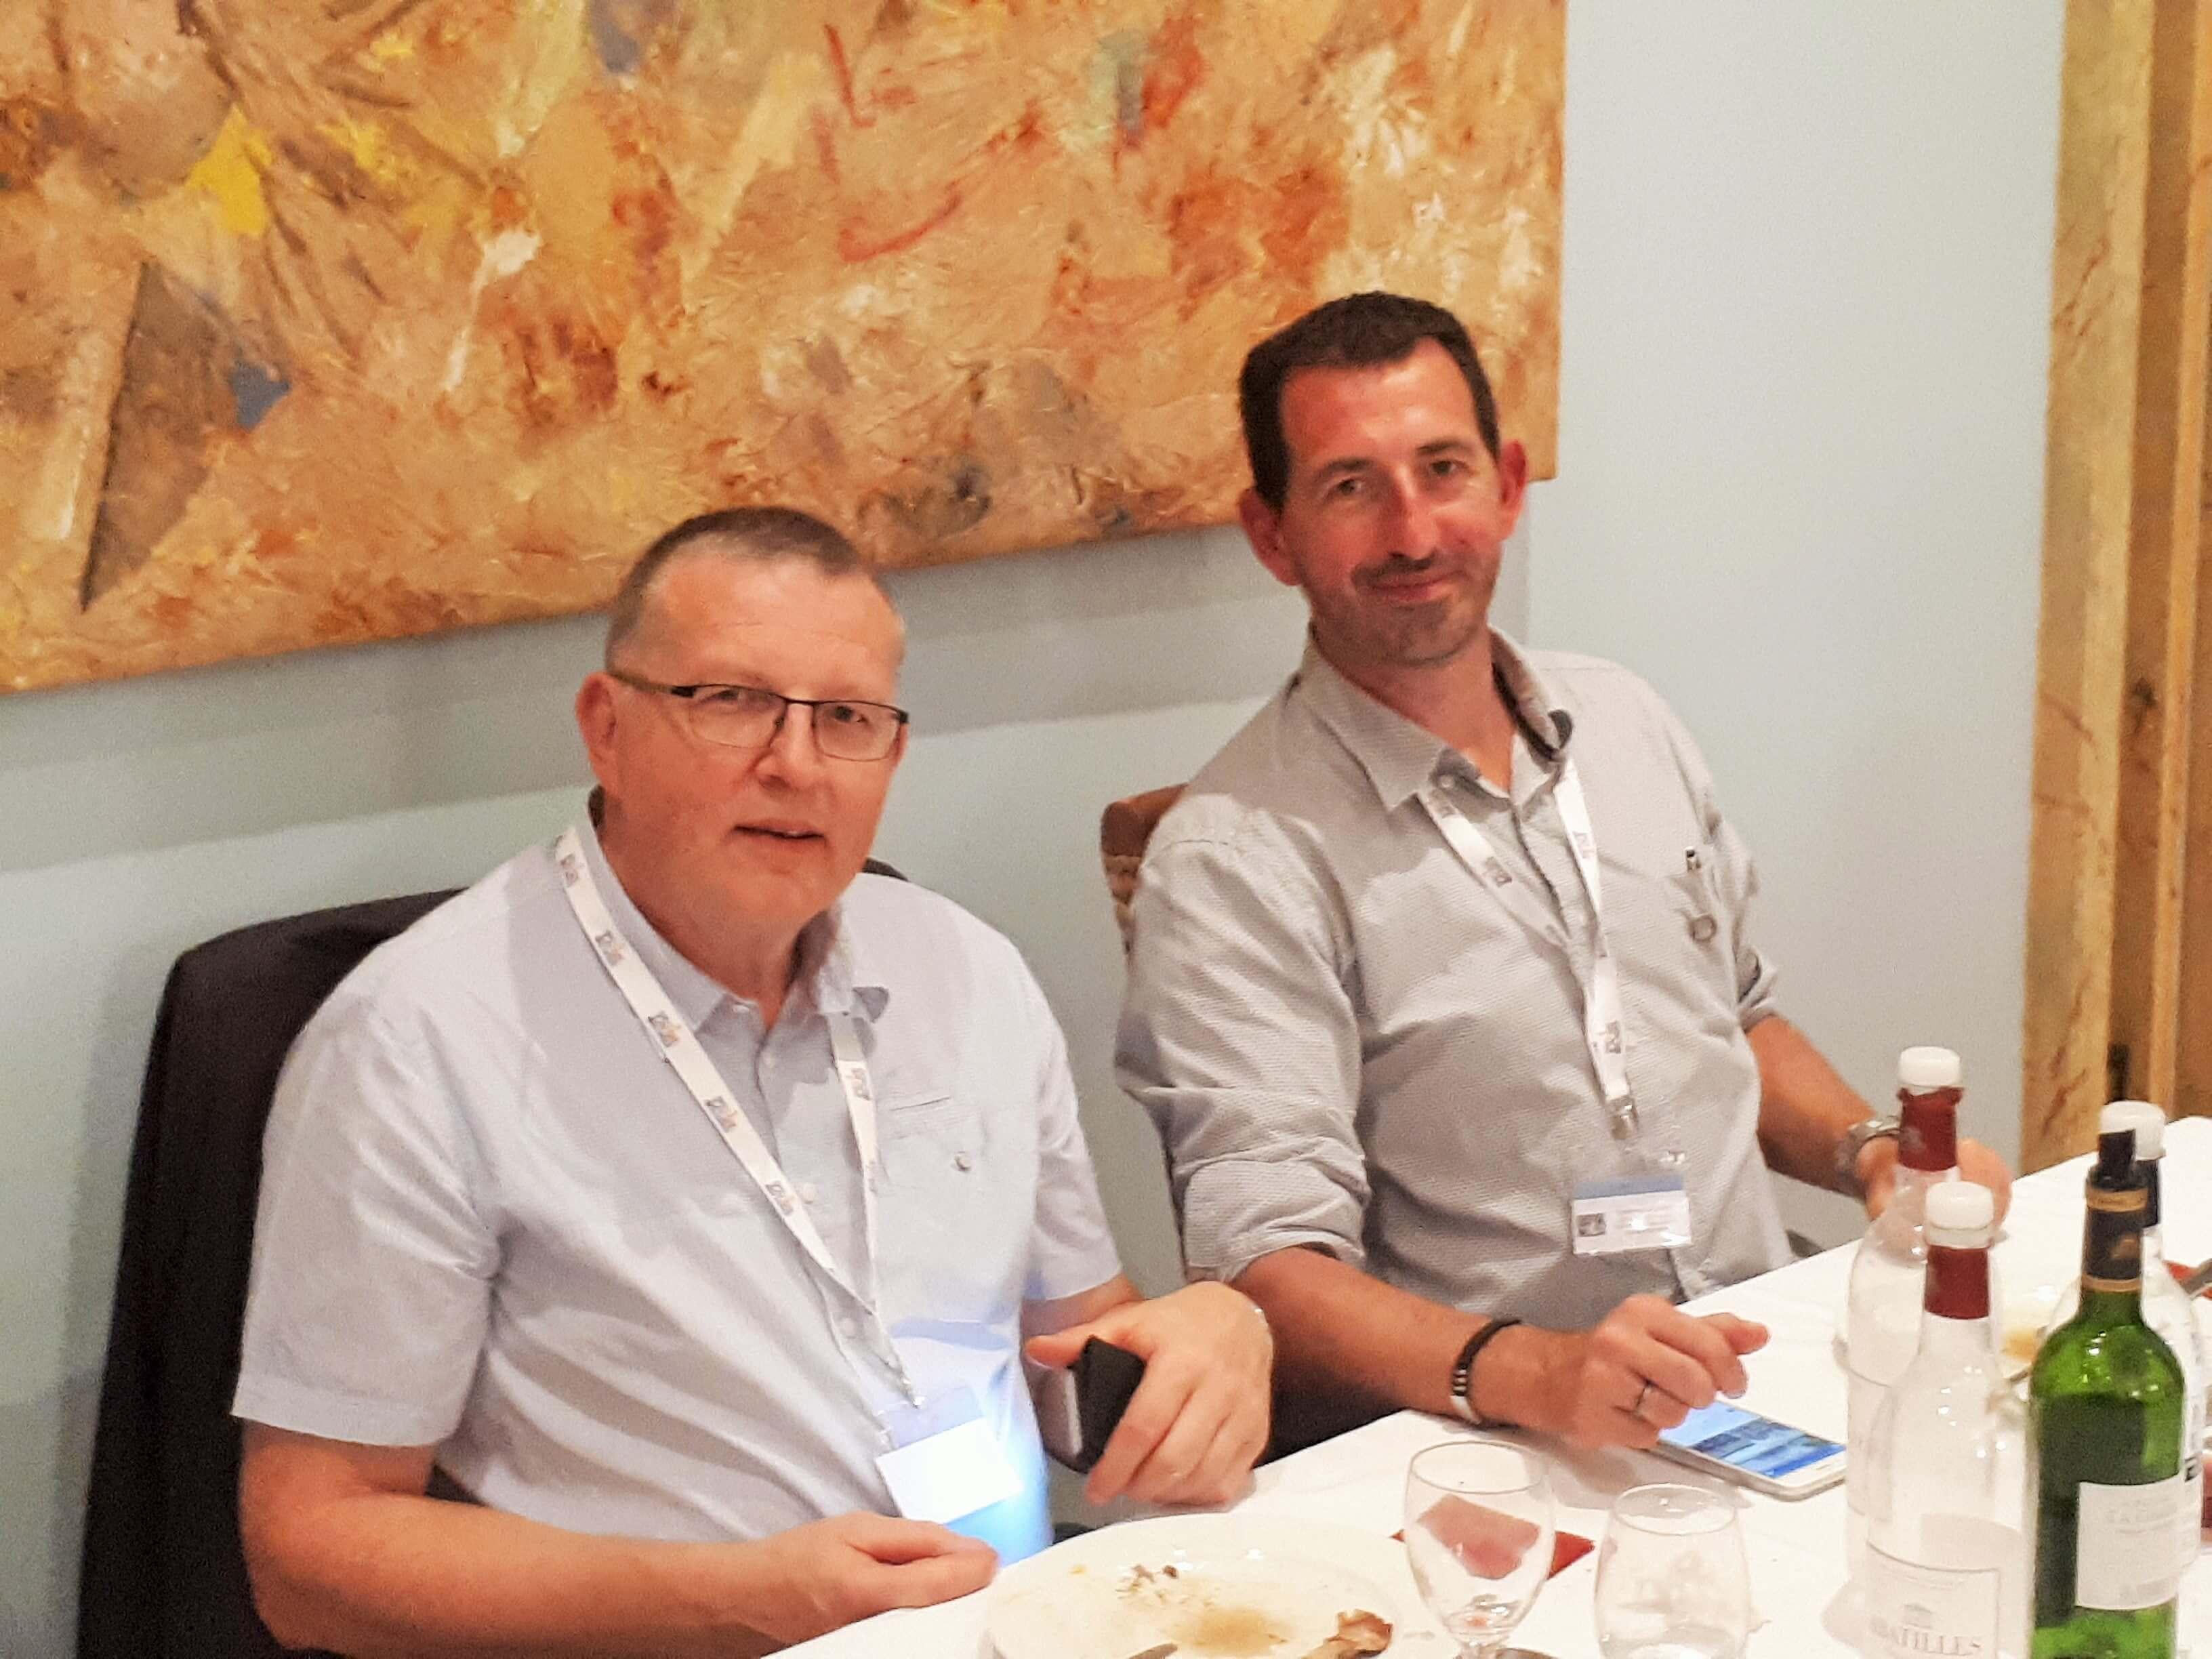 Patrick Jourdain, Président du SCP Syndicat des Cavistes Professioels et Stéphane ALBERTI, Caviste d'Or 2014, Château La Garde, septembre 2018